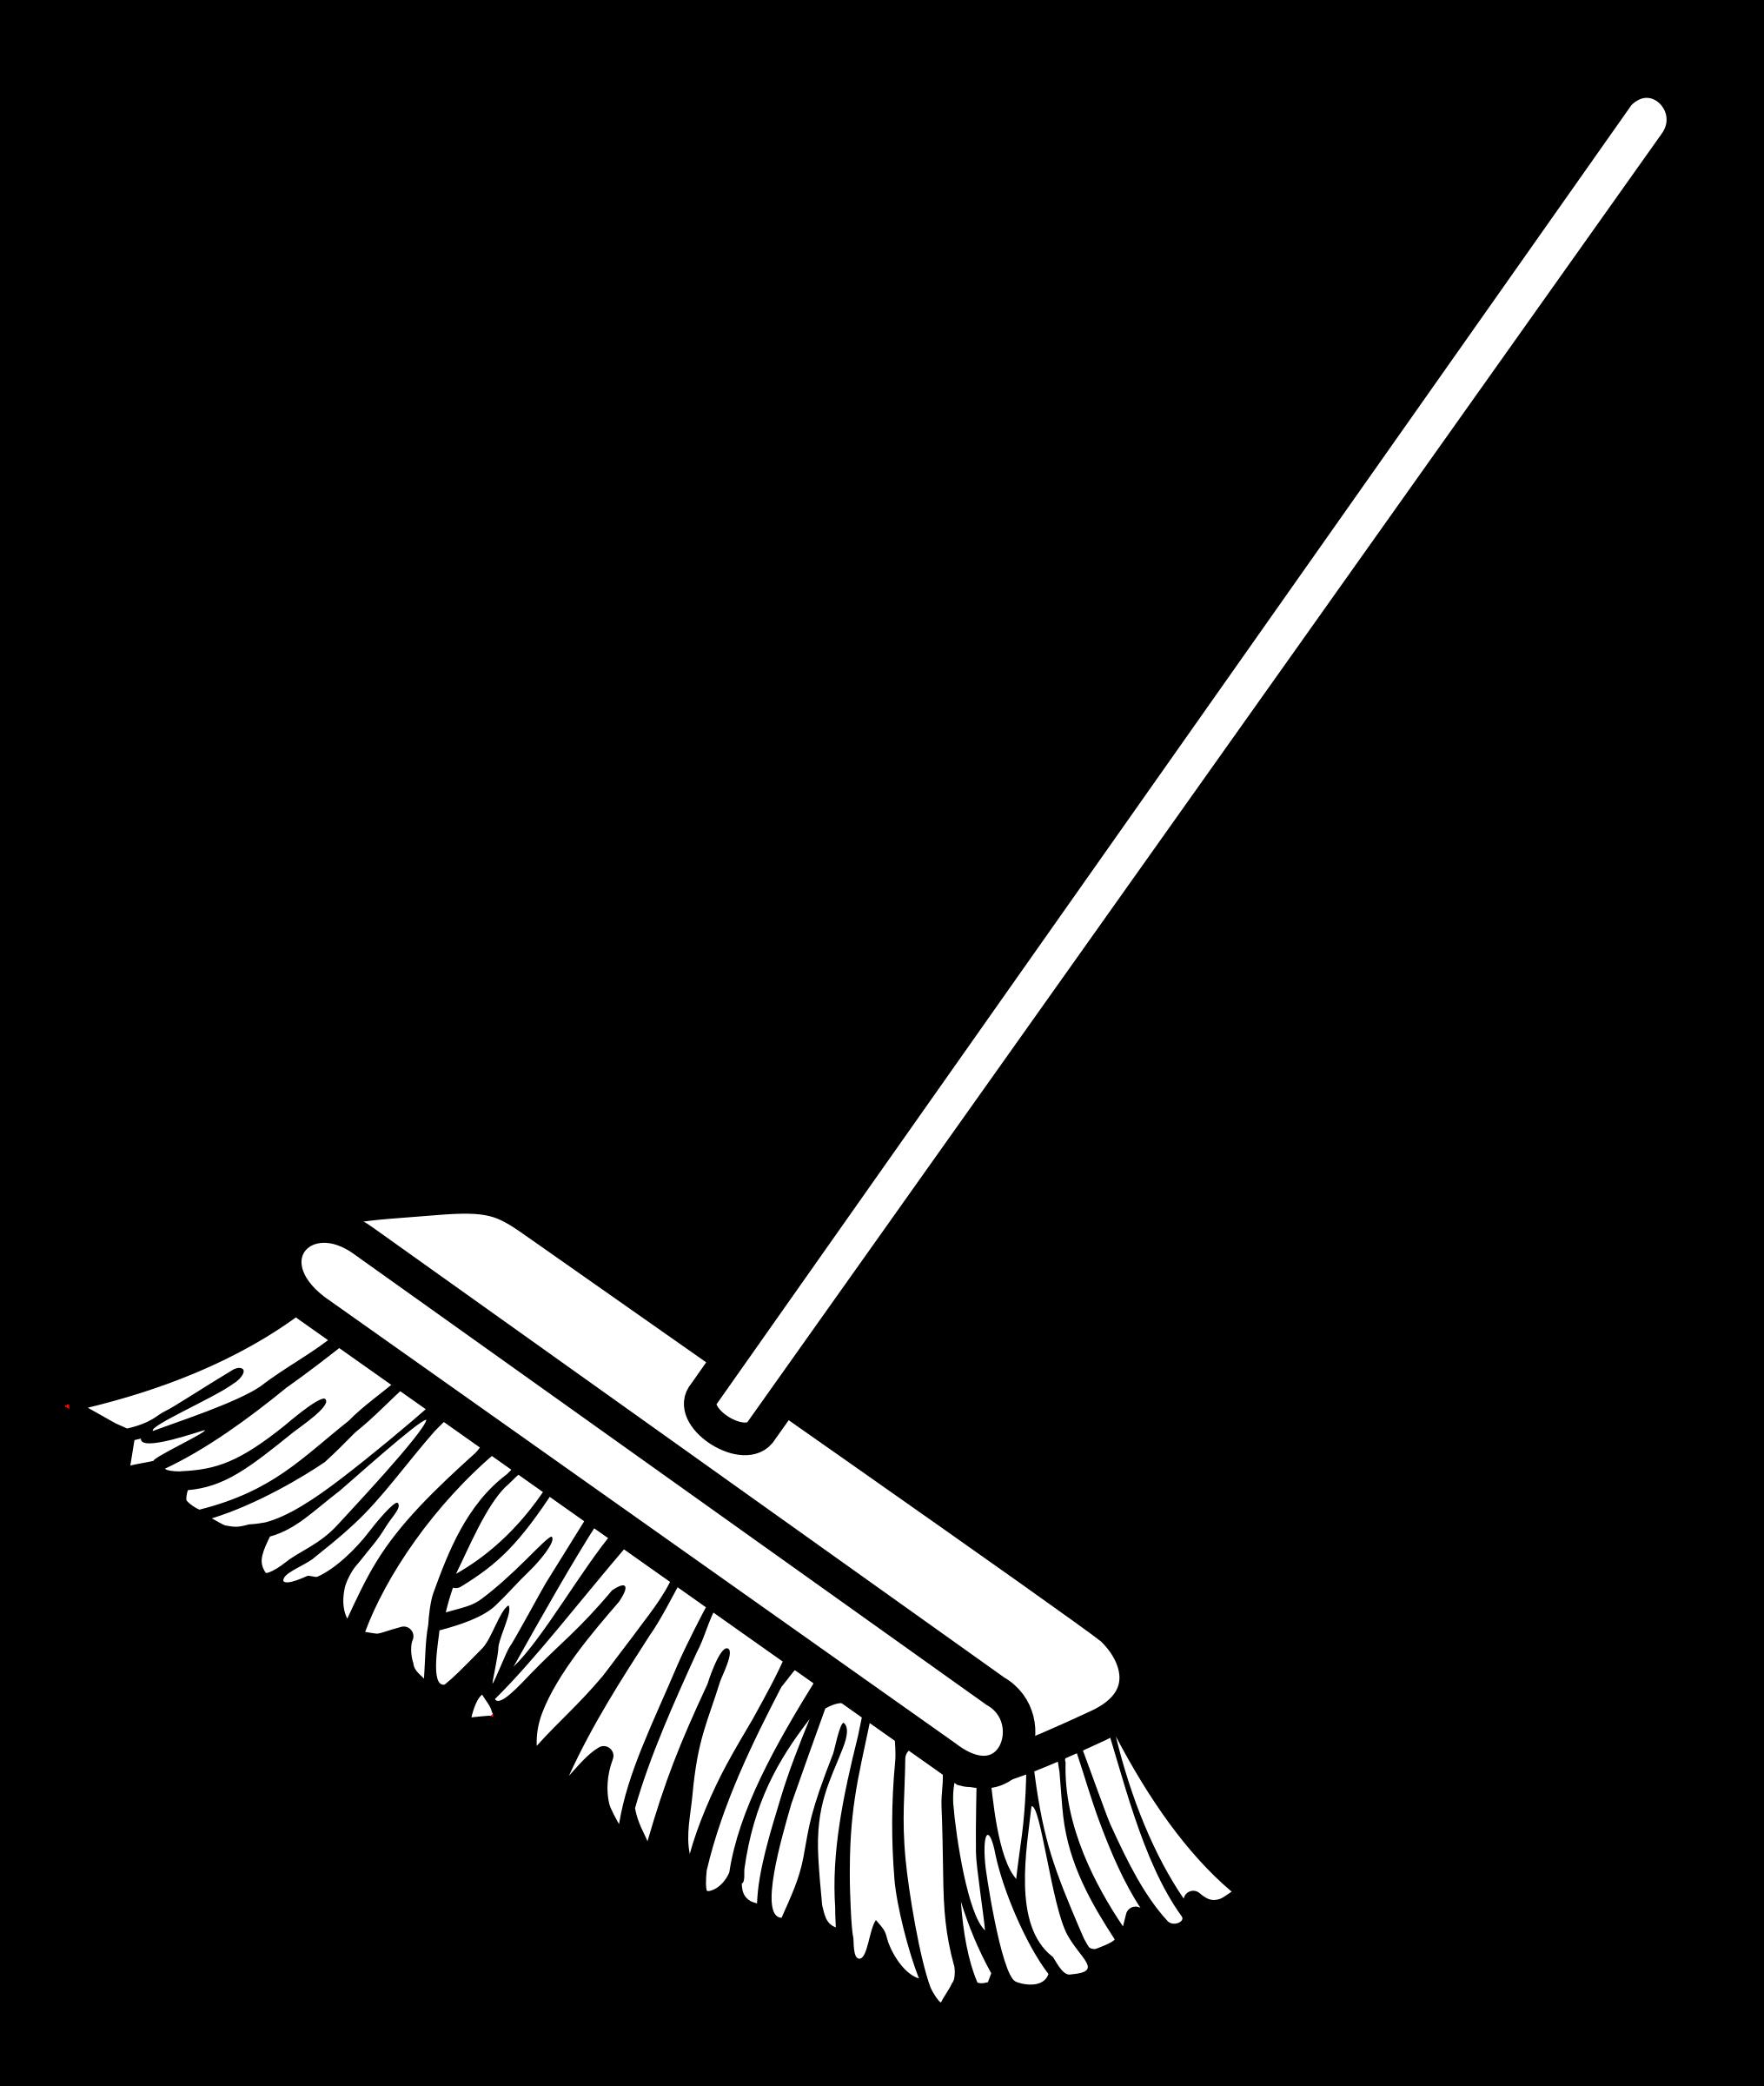 Broom clipart tumundografico.